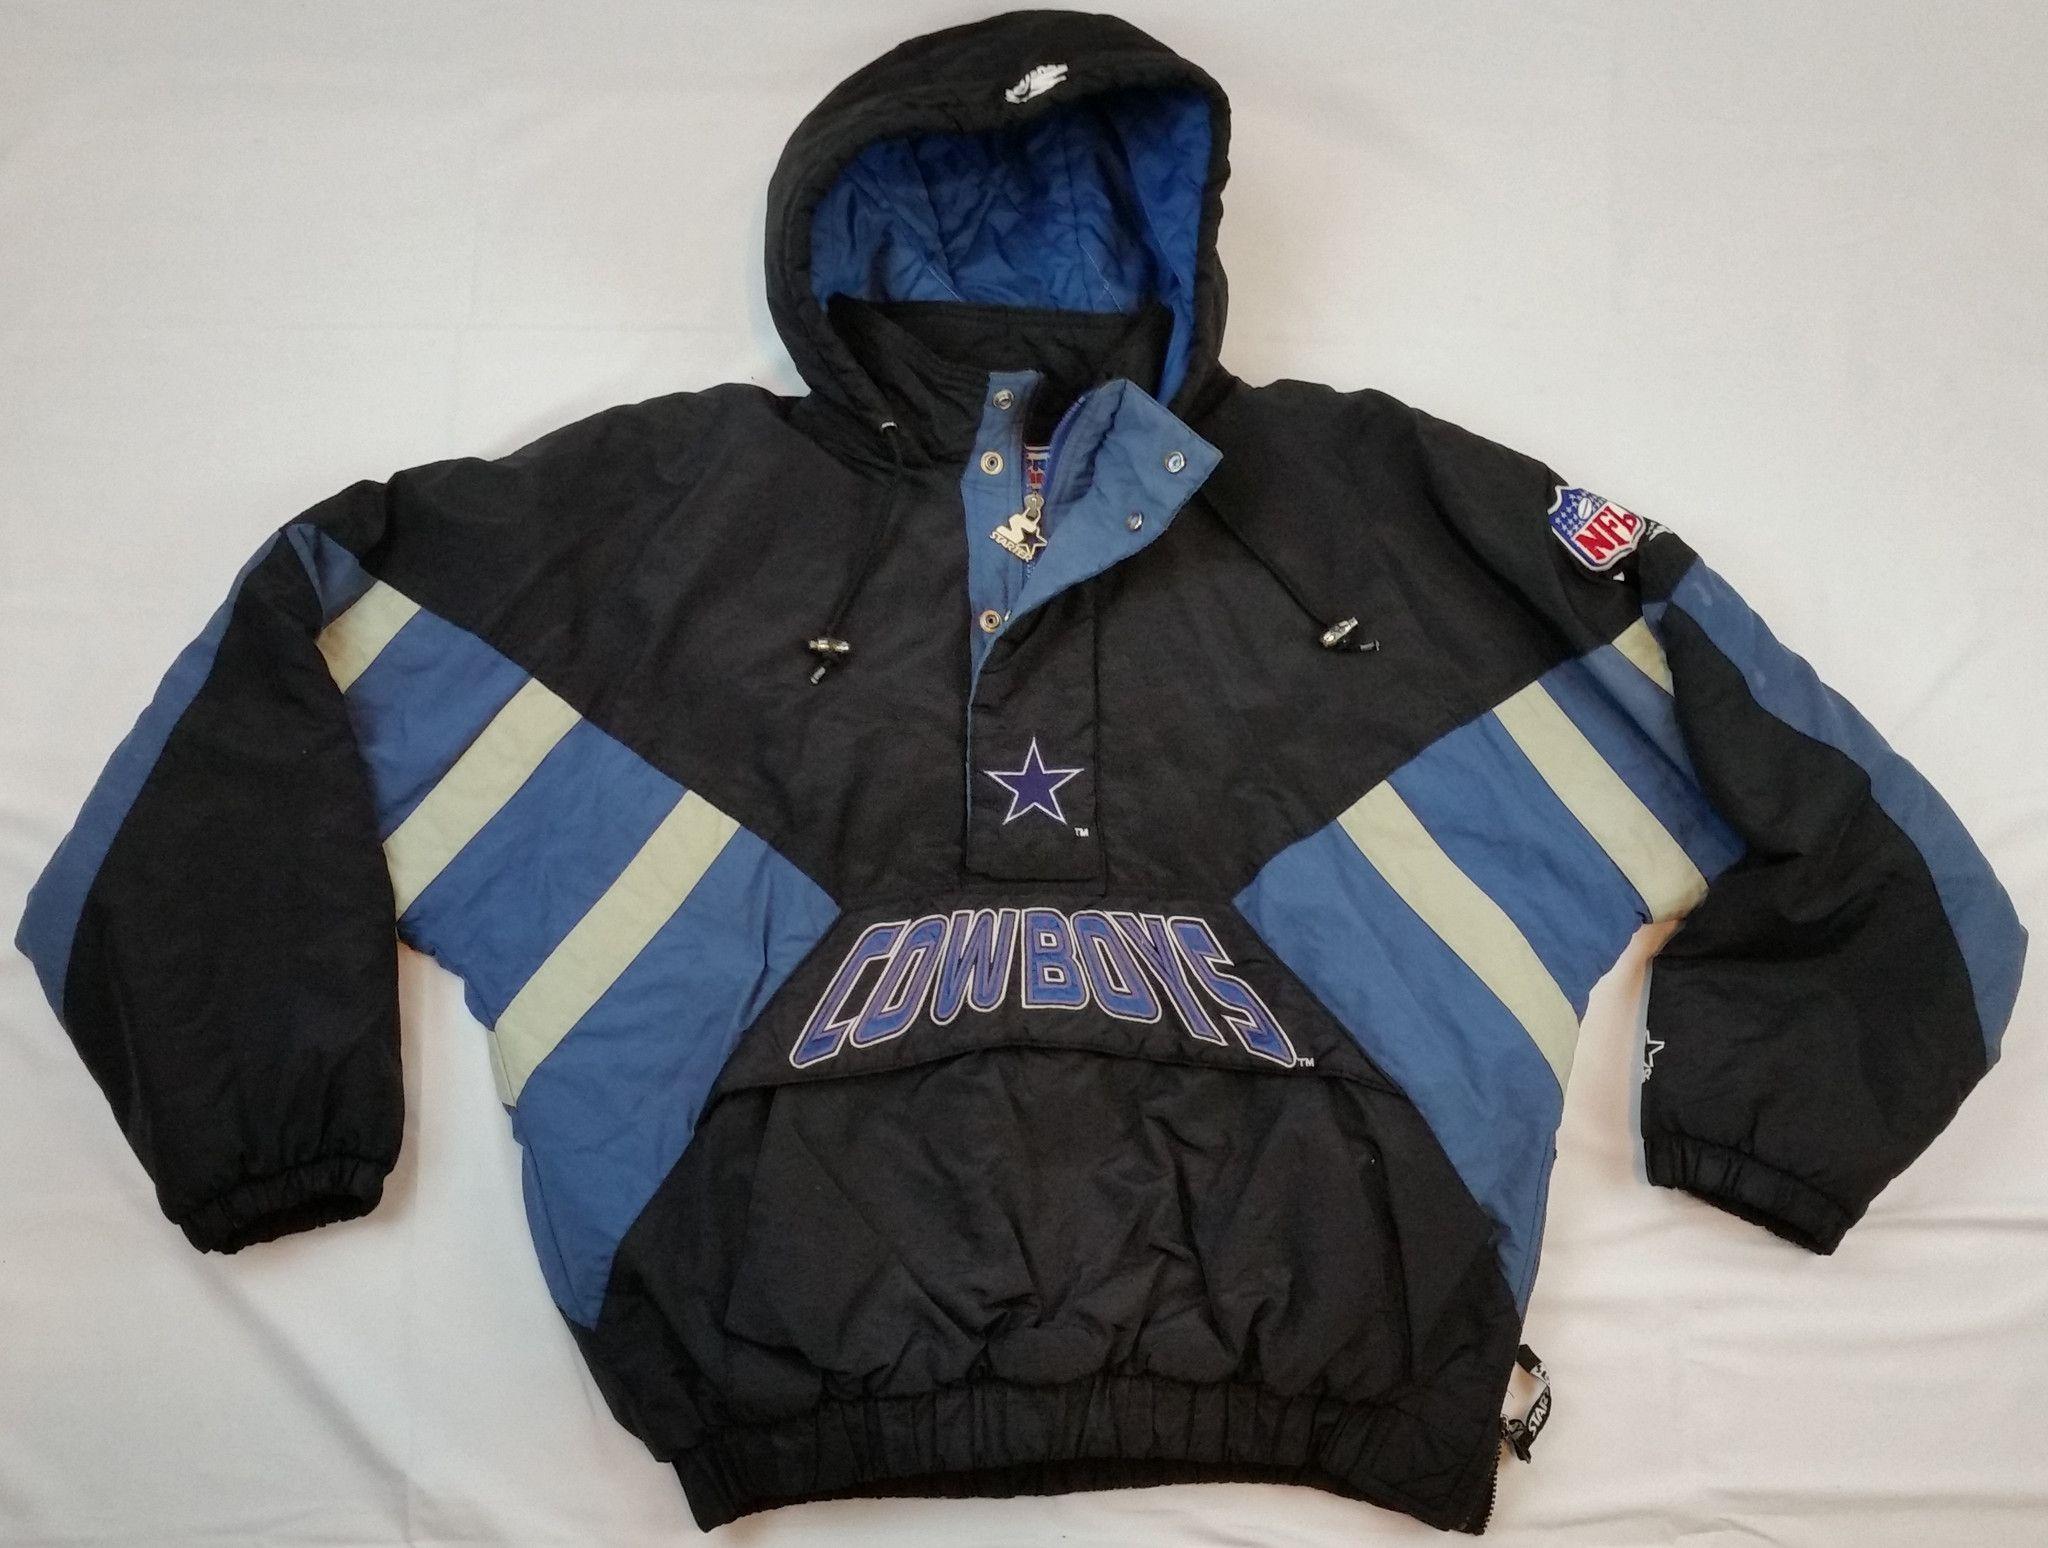 lowest price ddcd6 b3c77 Dallas Cowboys Starter Jacket Vintage NFL Pro Line Pullover ...